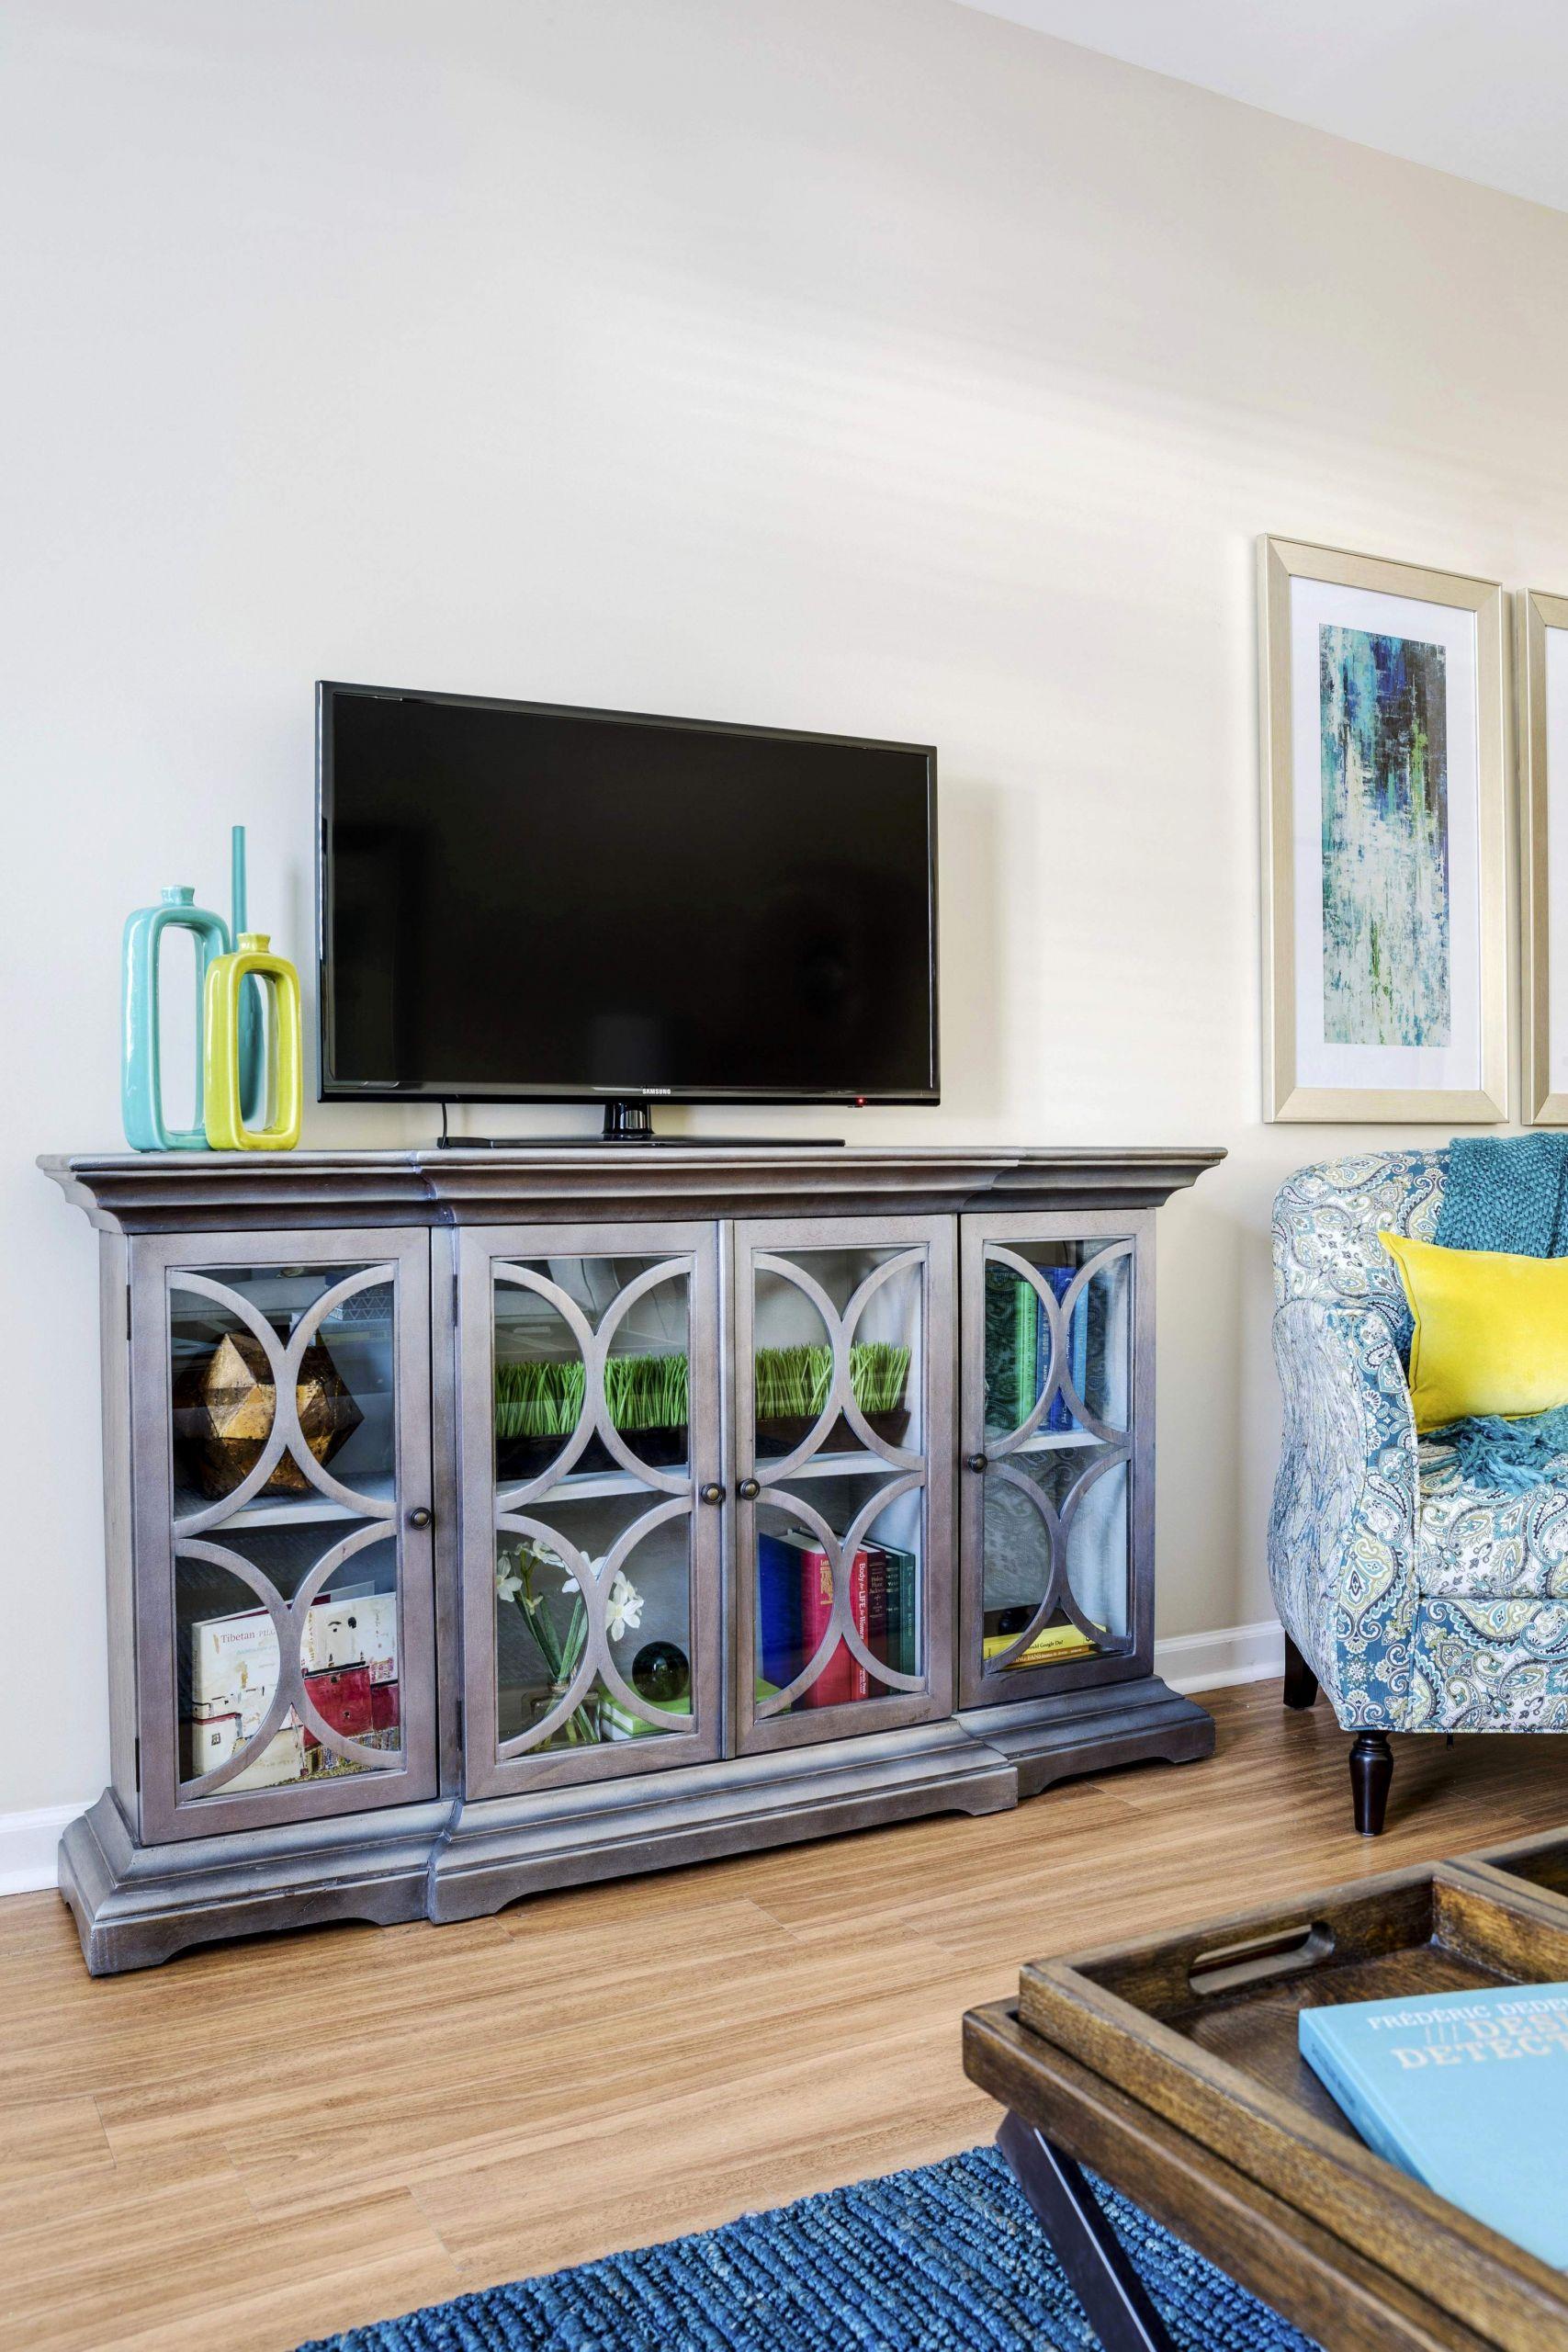 wohnzimmer kamin neu wohnideen wohnzimmer modern schon garten kamin wohnideen of wohnzimmer kamin